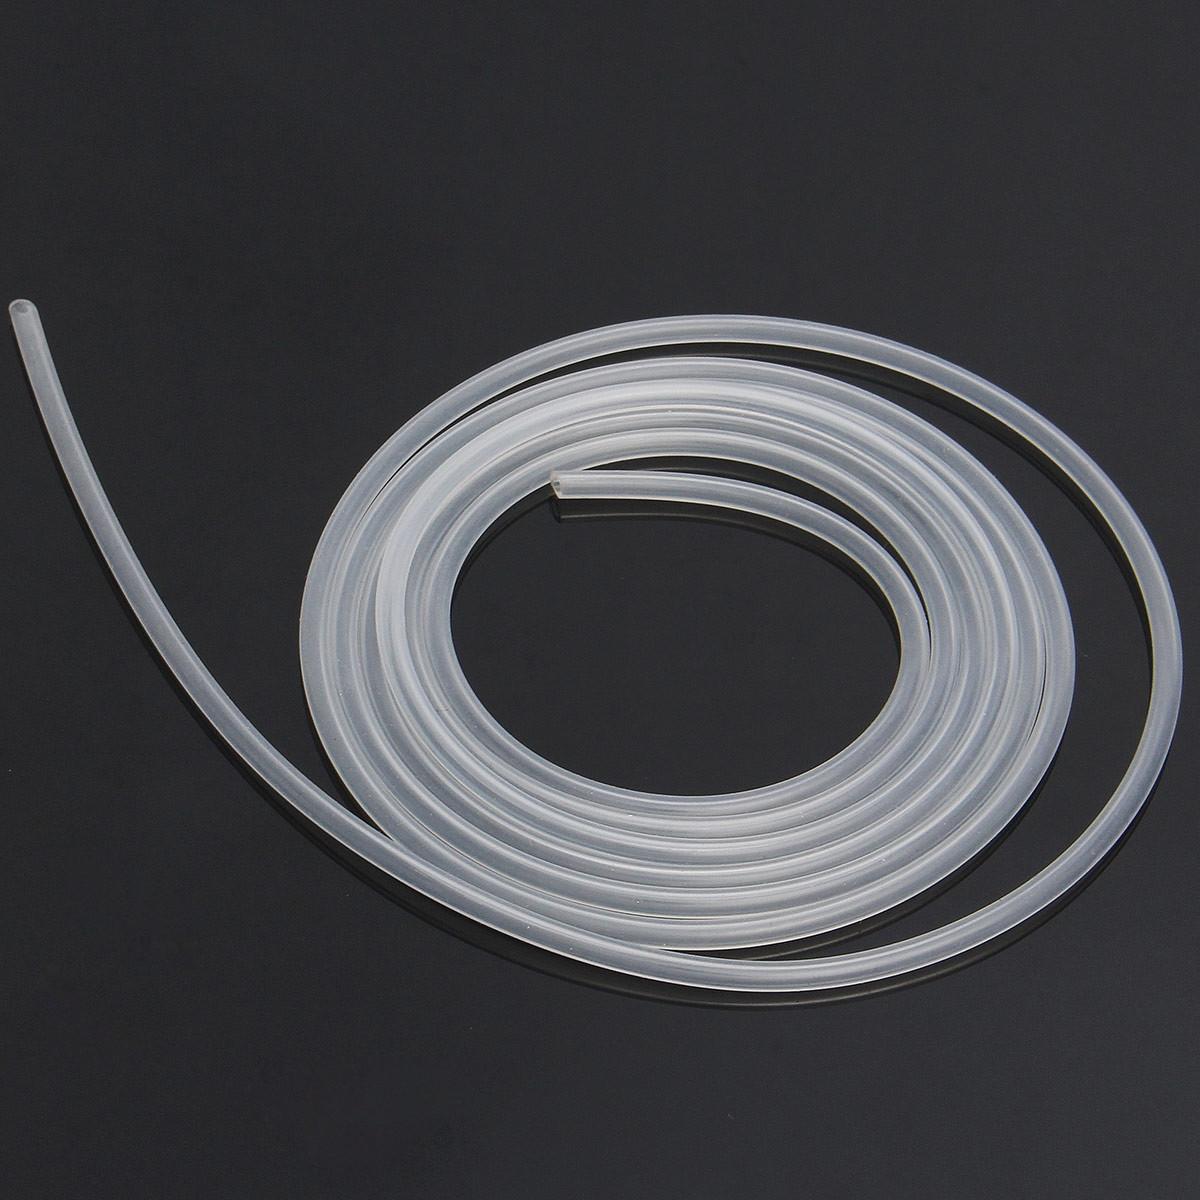 Požirke za plovce Falcon Silicone Tube 0,3-0,9mm 1m